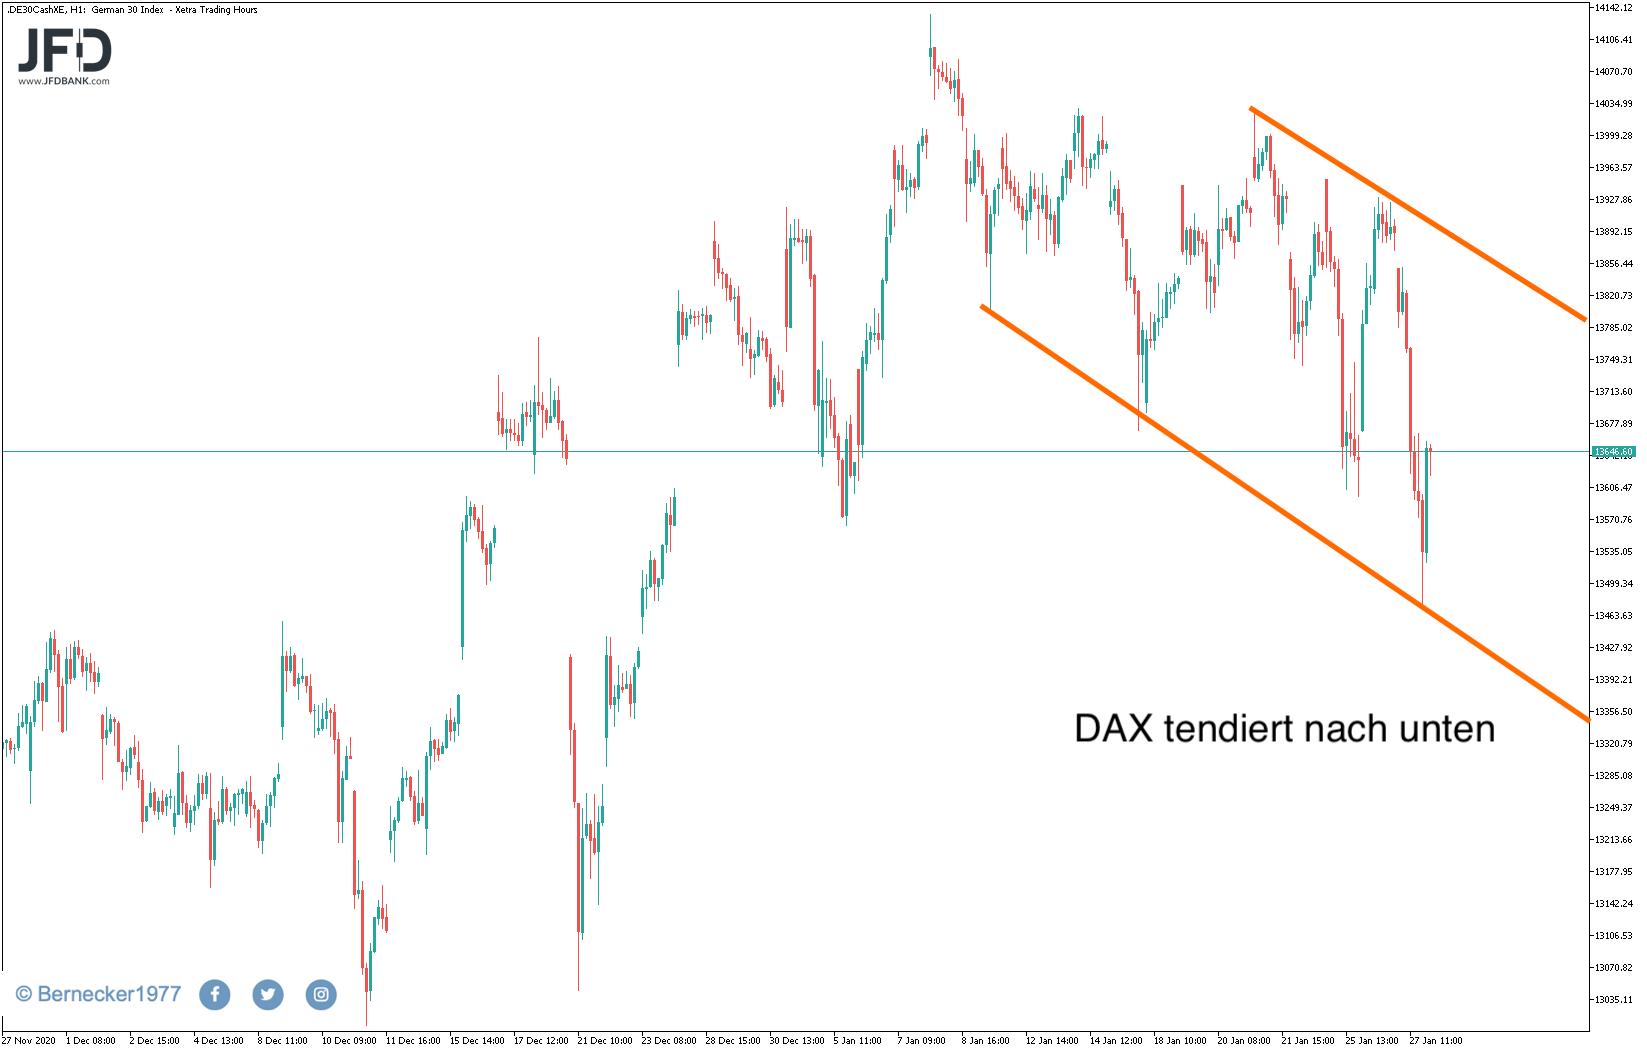 Trendkanal im DAX abwärts gerichtet